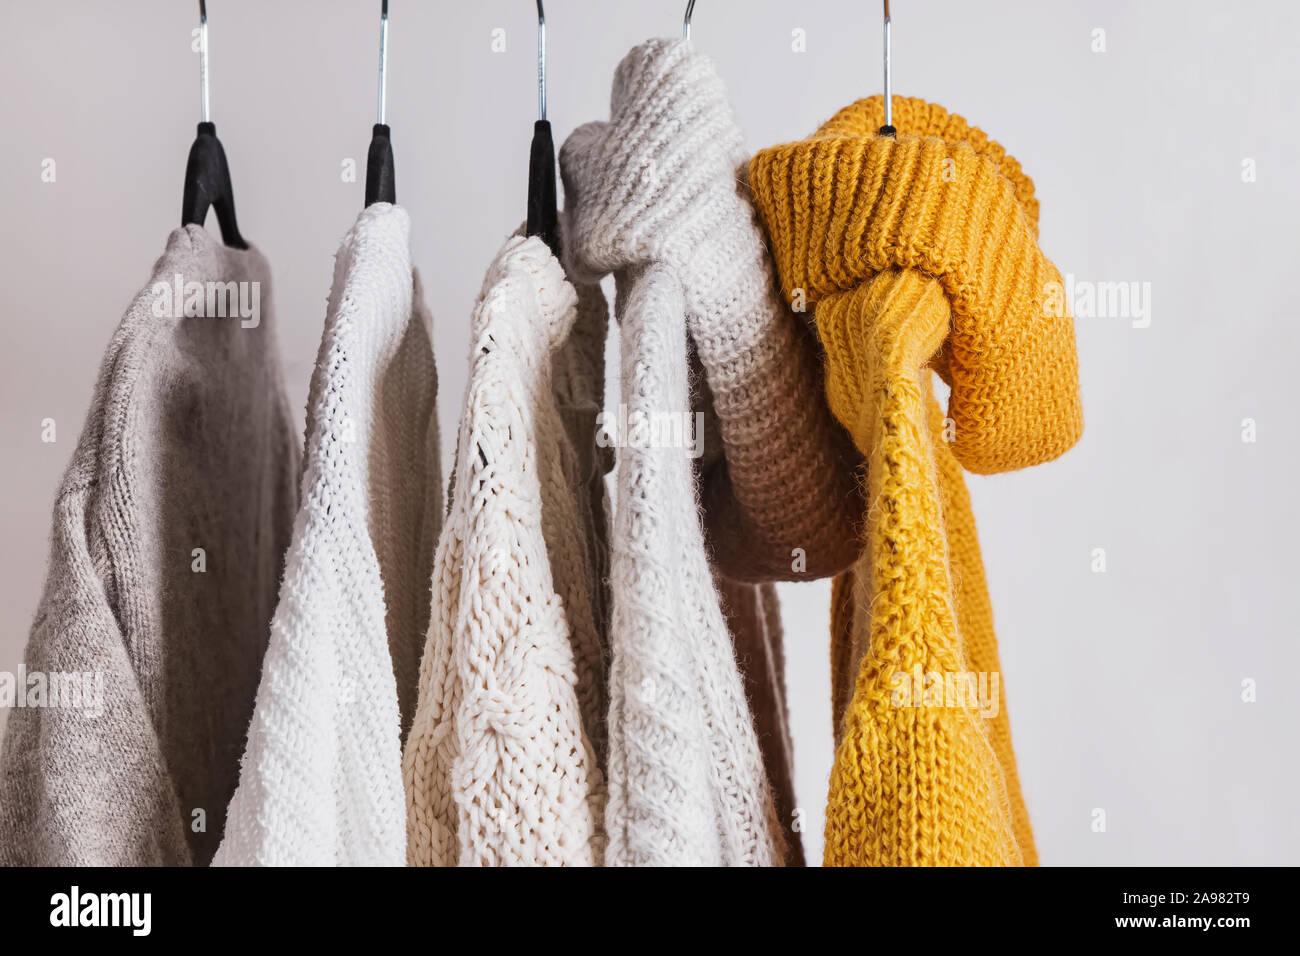 Suéteres tejidos cálidos en las perchas. Foto de stock